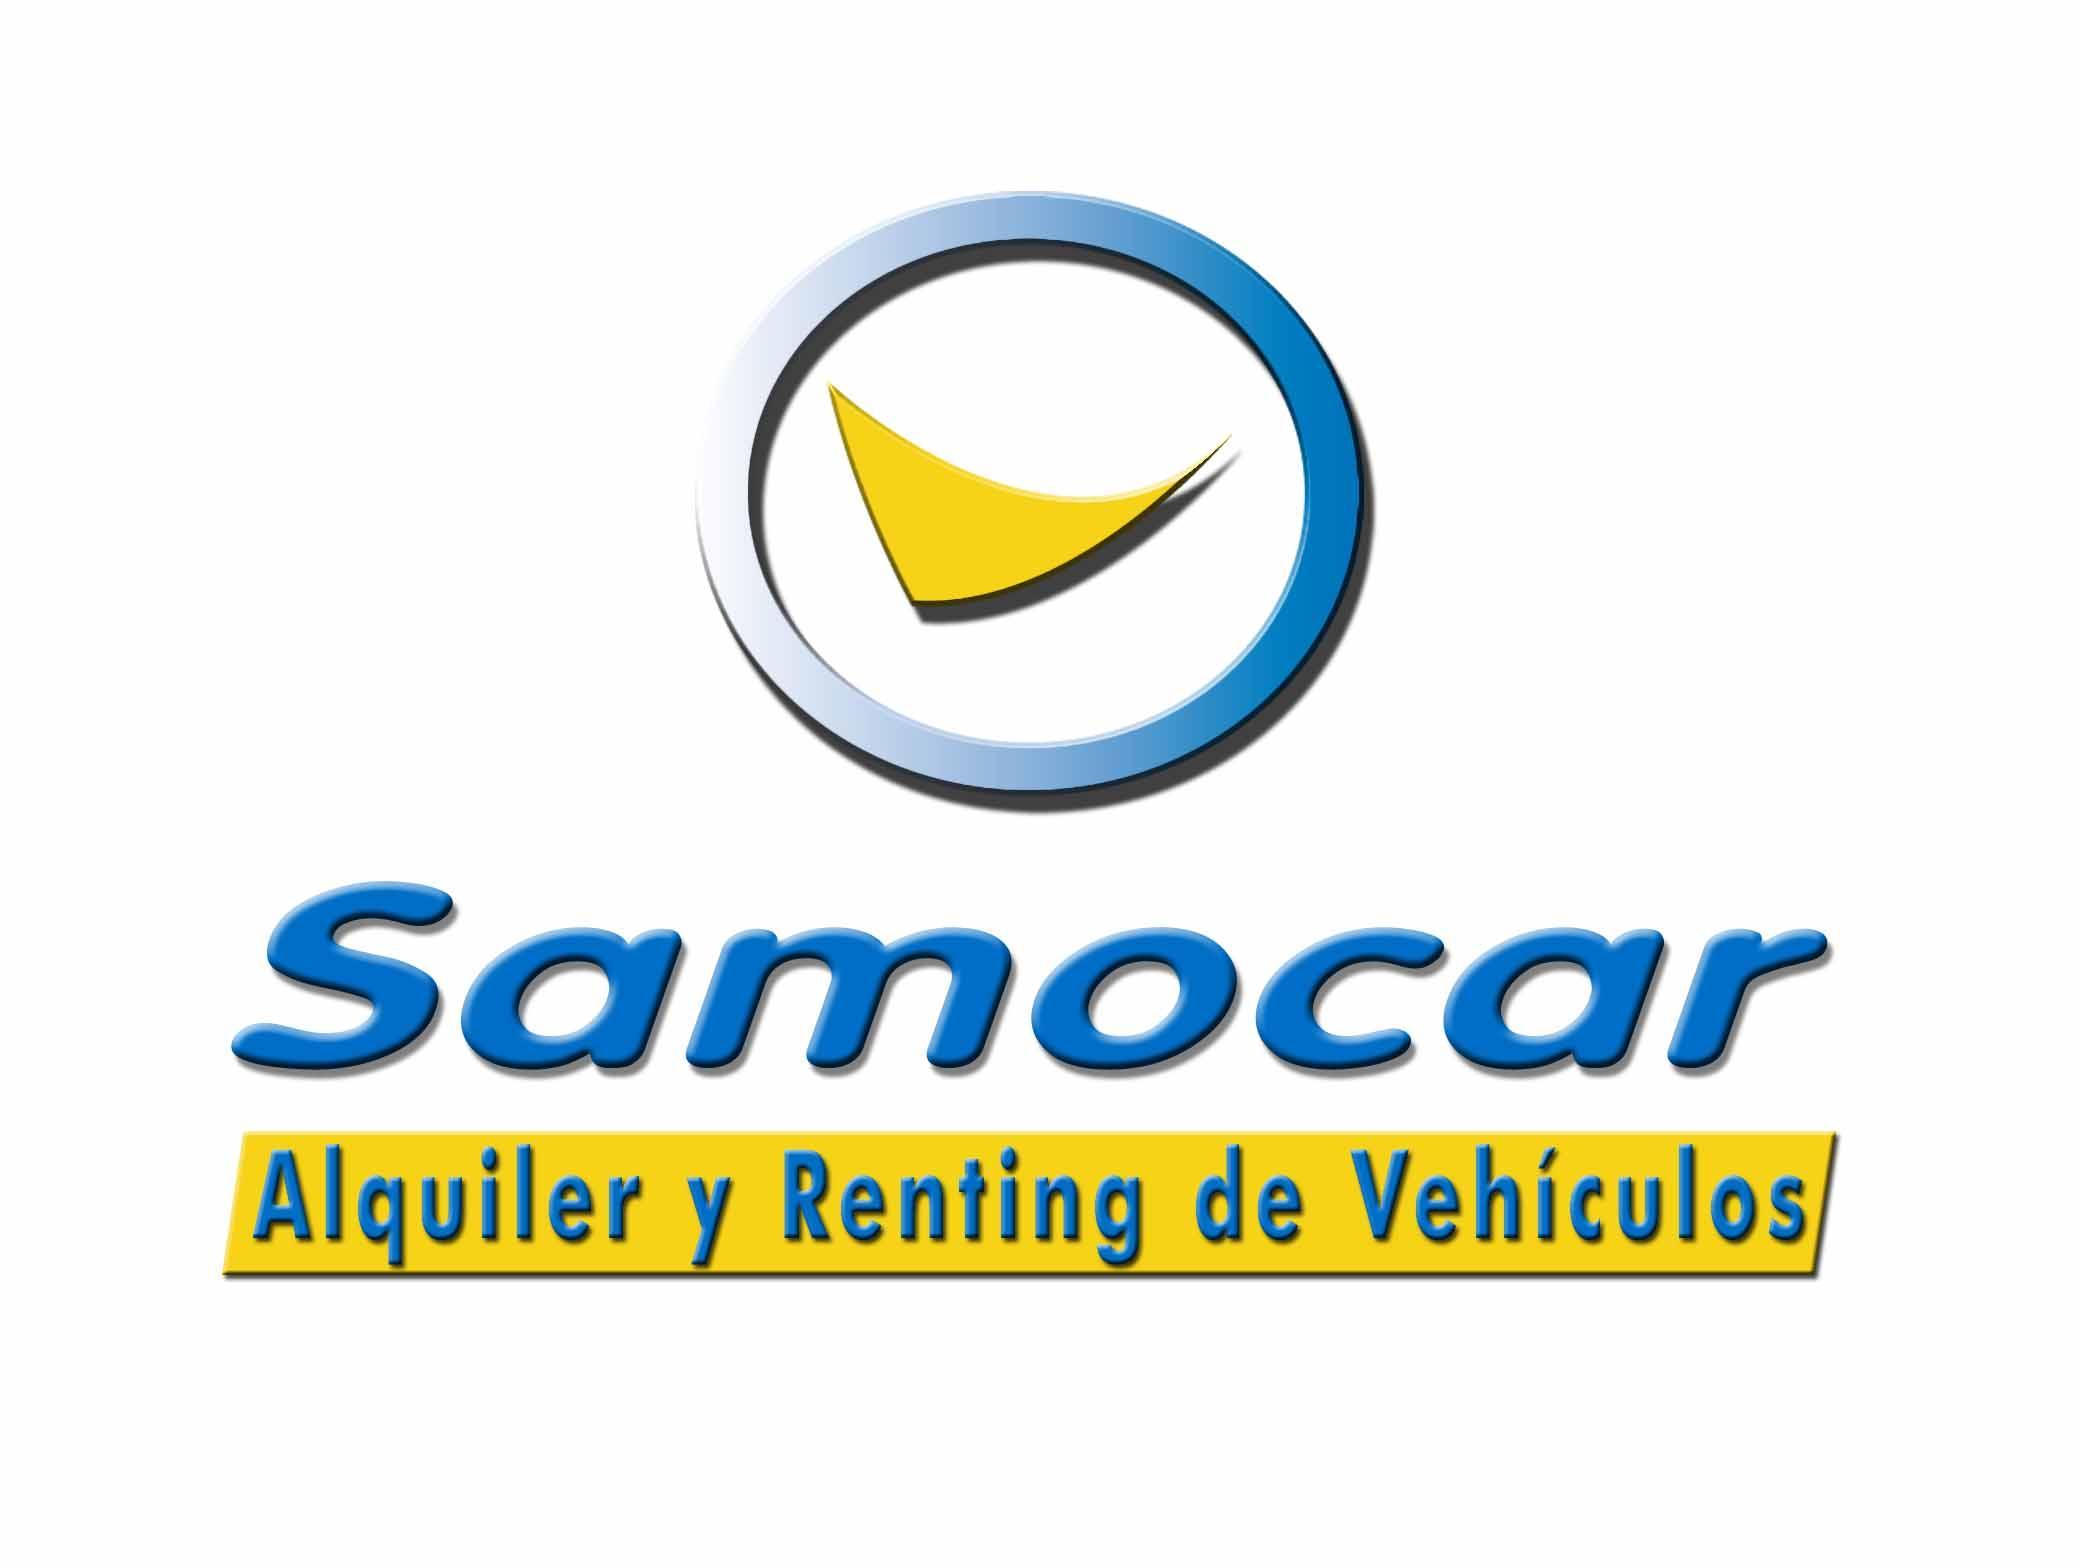 SAMOCAR